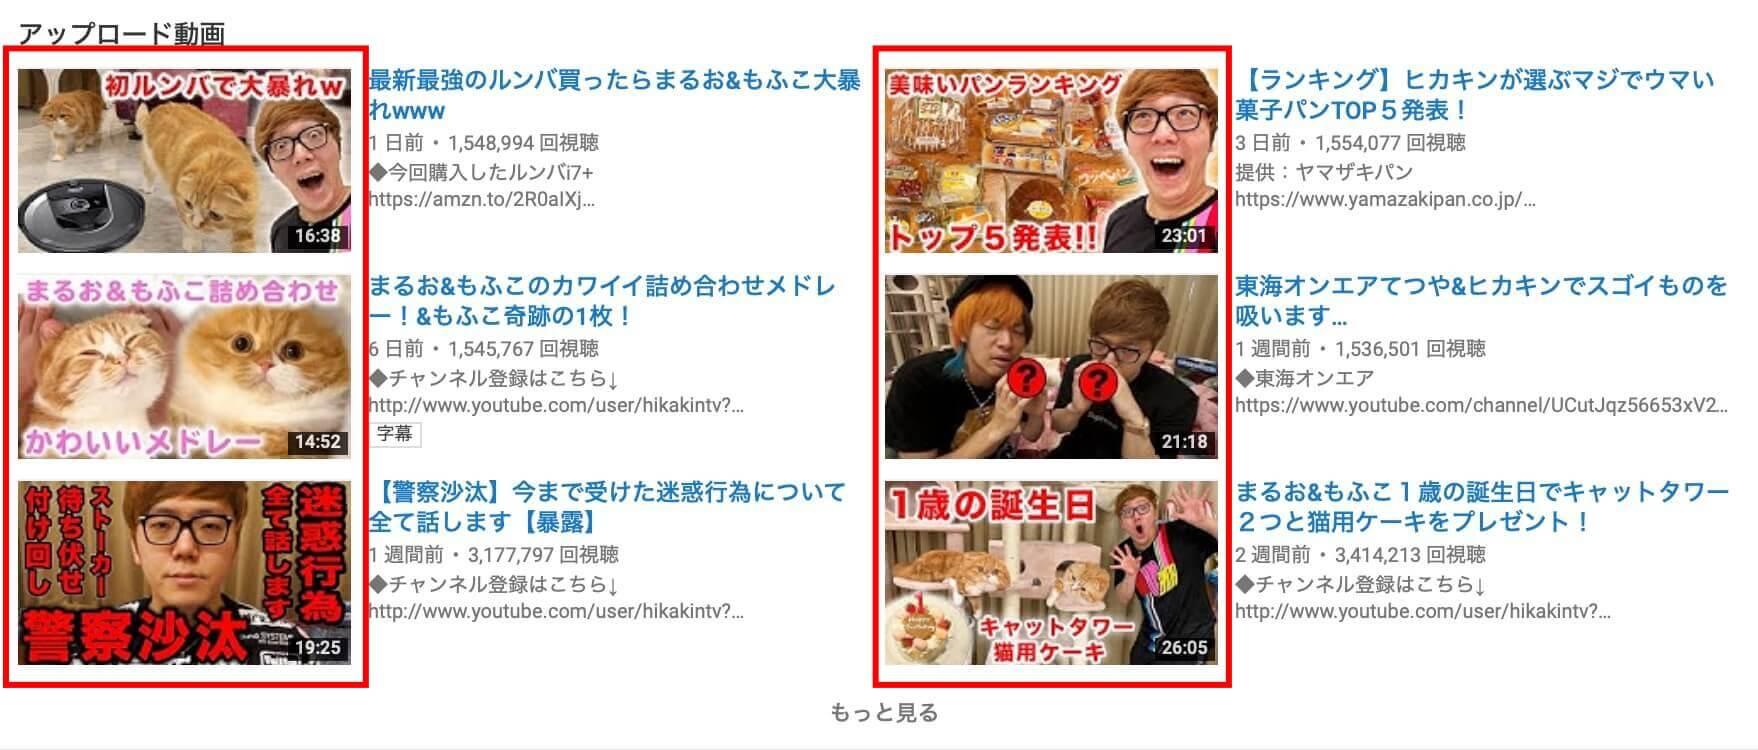 人気YouTuberのサムネイル